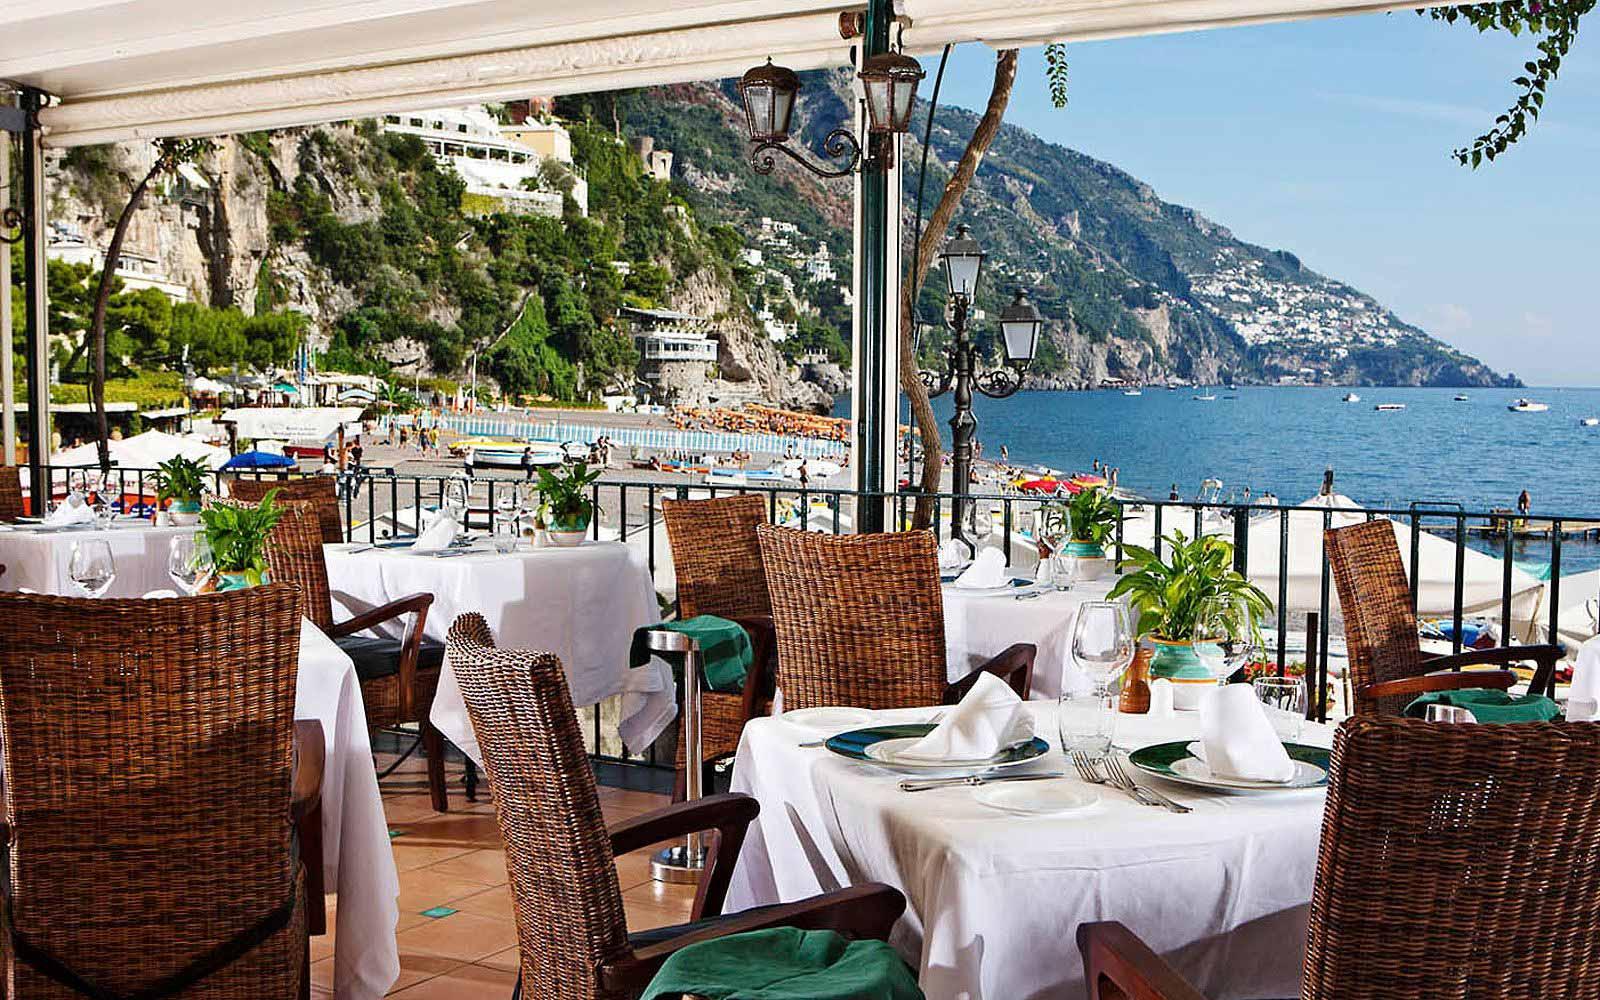 Il Covo Restaurant at Covo Dei Saraceni